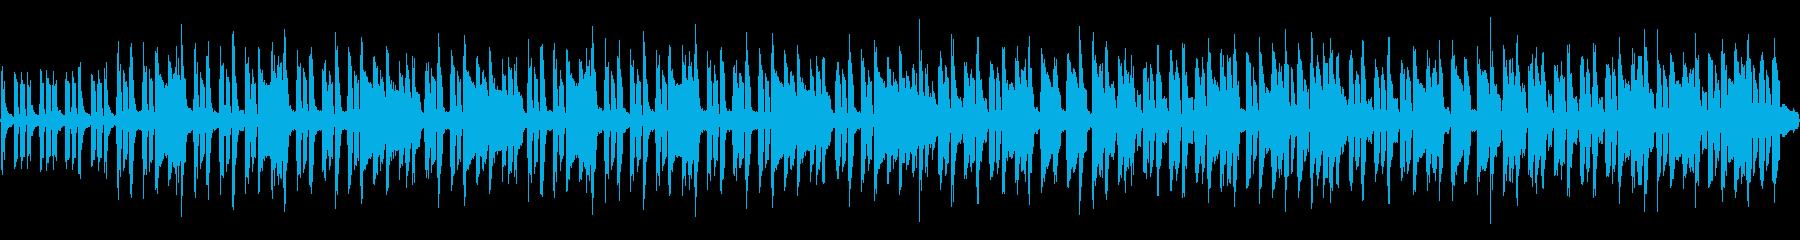 8bit 小さな白鳥たちの踊り(ループ)の再生済みの波形